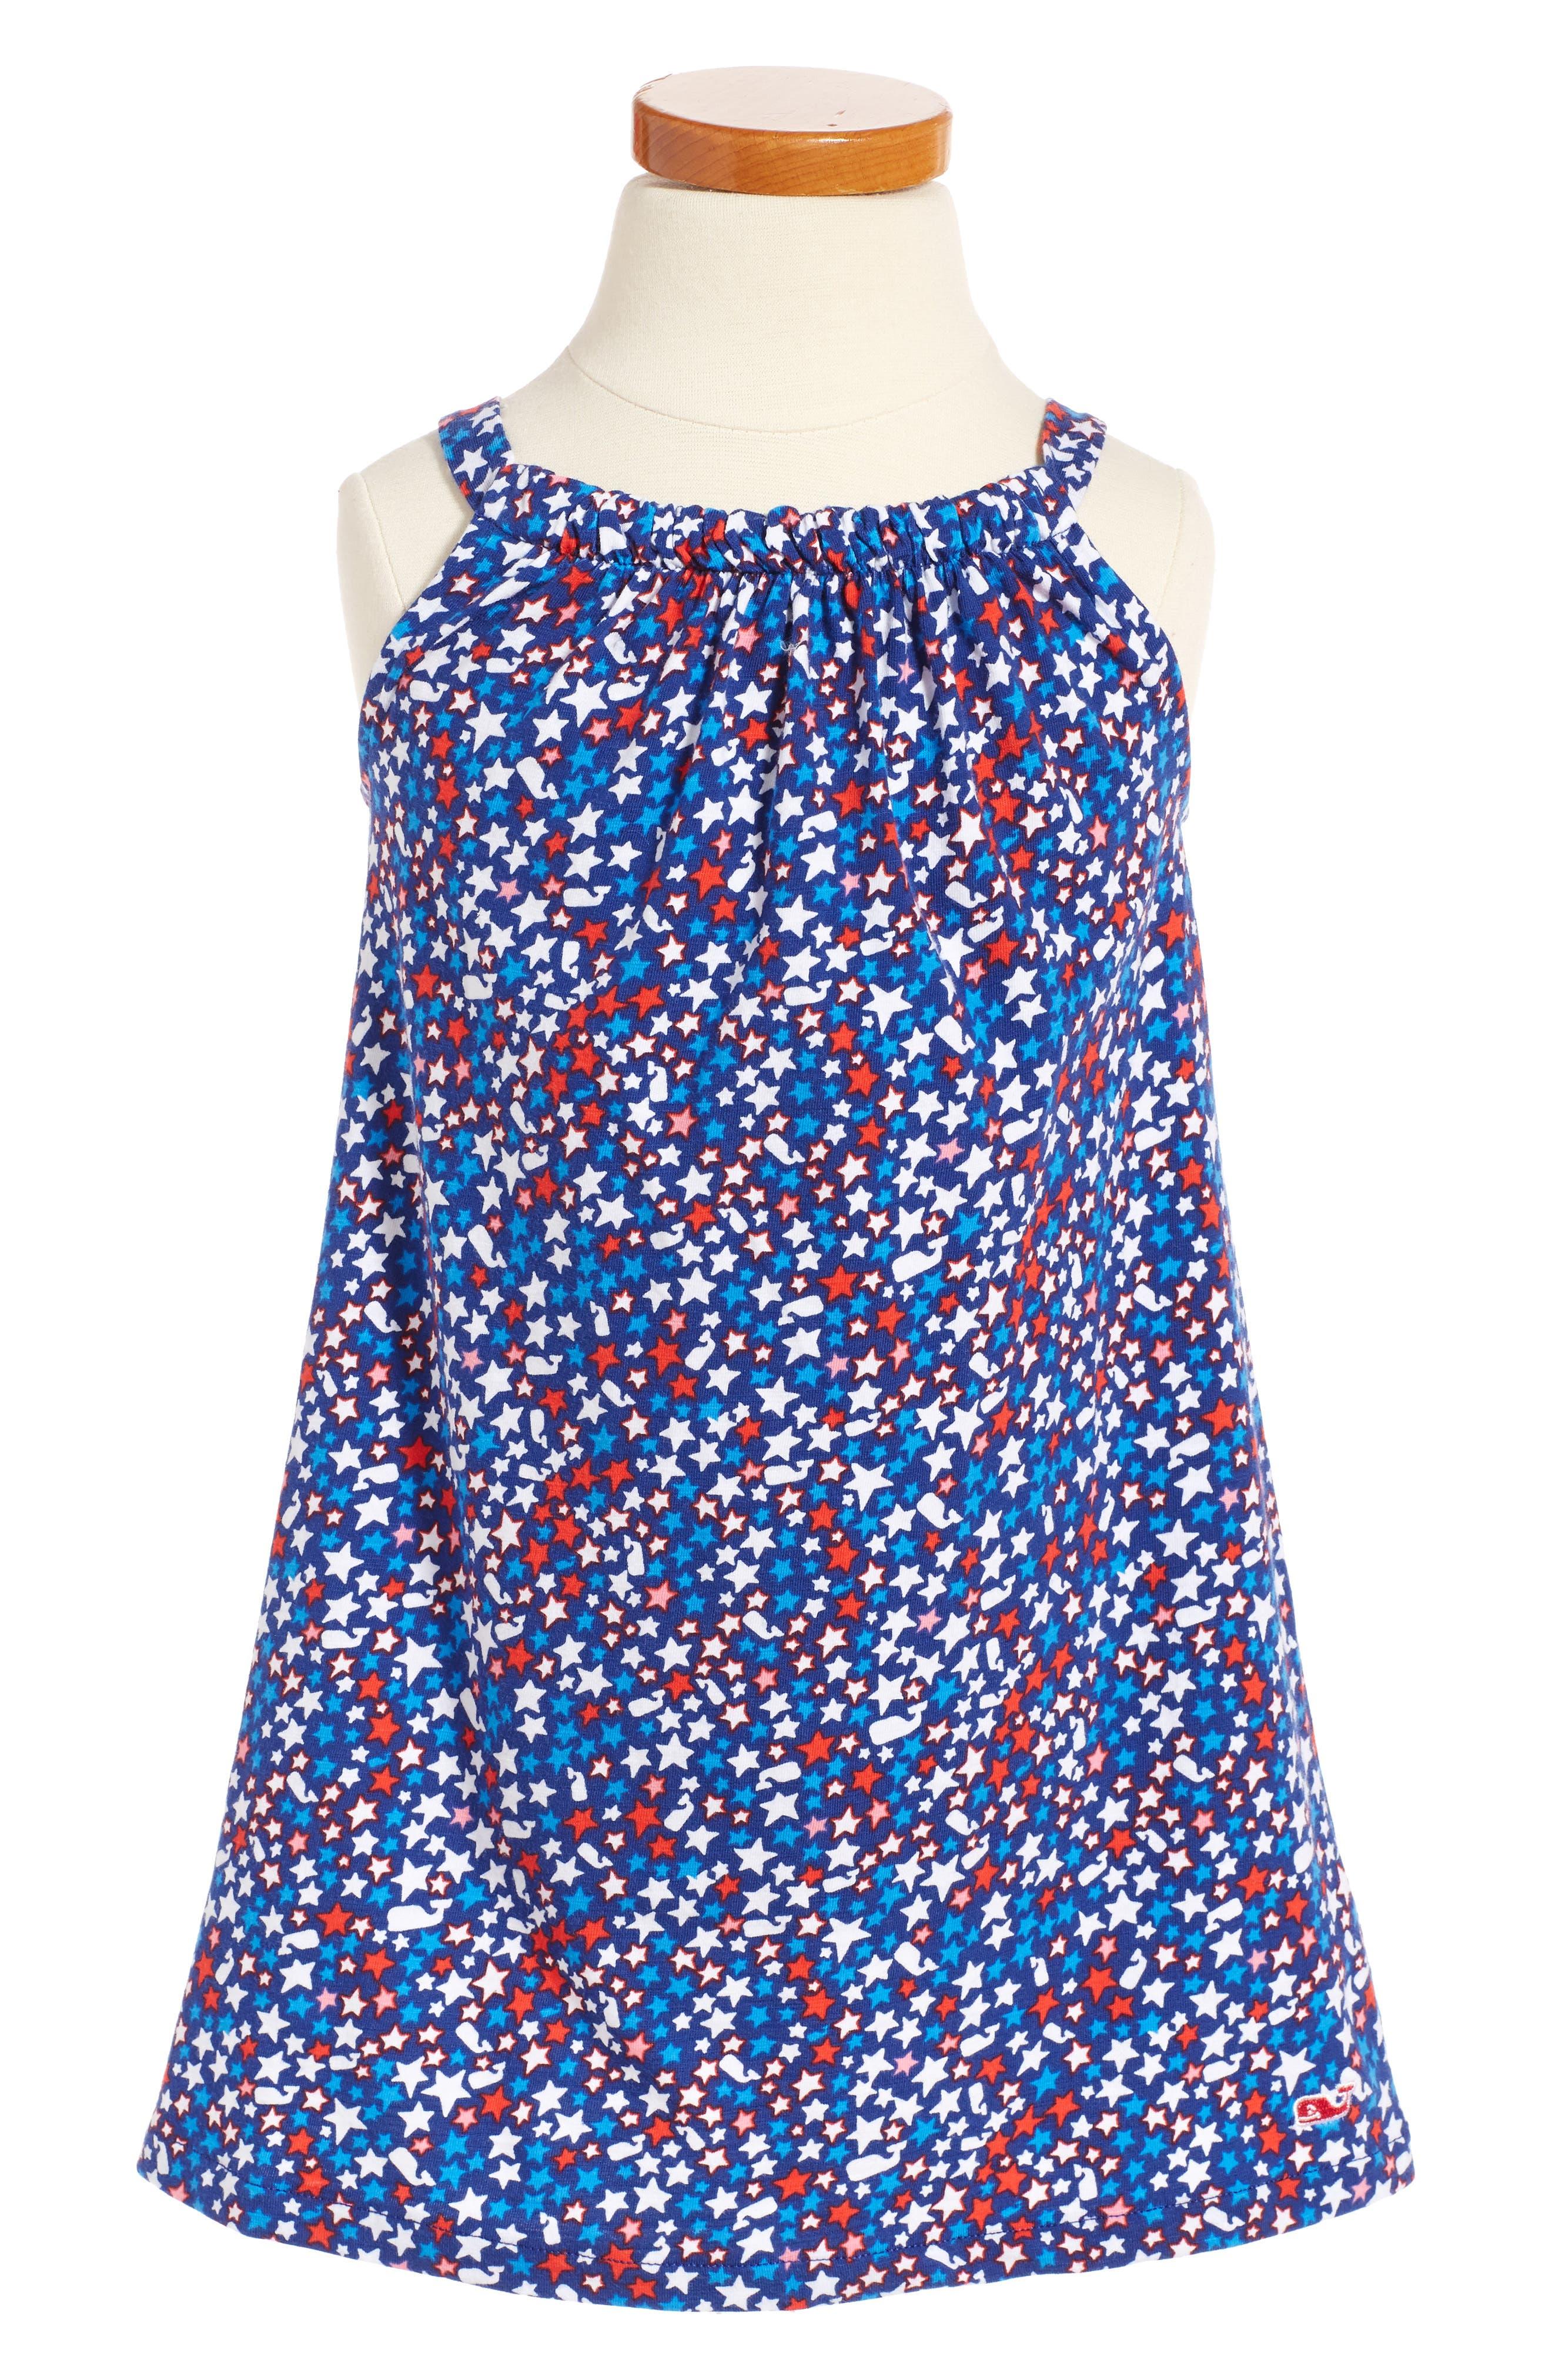 Vineyard Vines Stars & Whales Shift Dress (Toddler Girls)